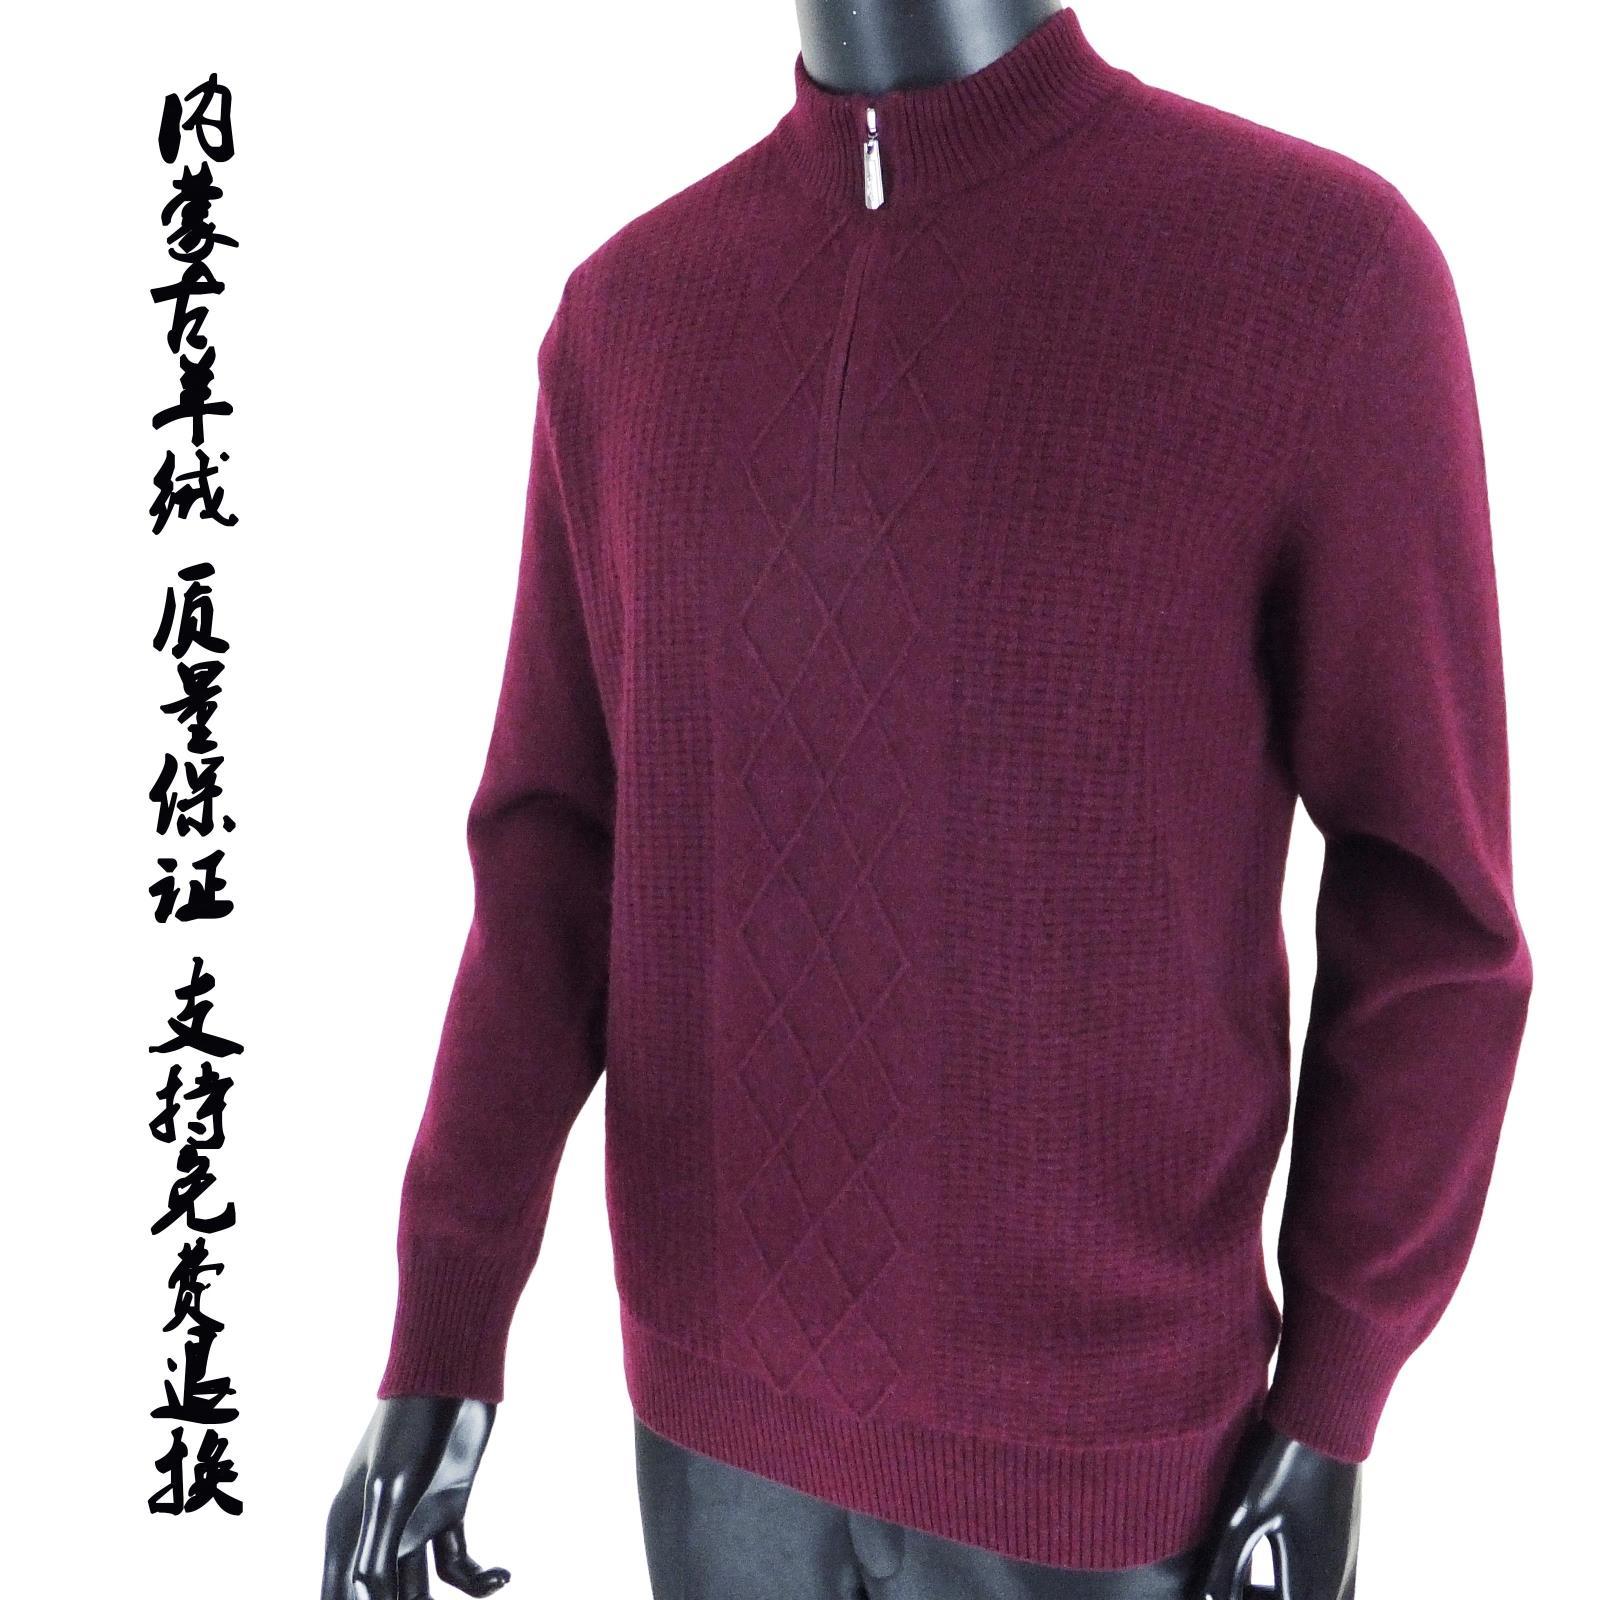 男士羊绒毛衣 羊绒衫男中年纯色半高领拉链毛衣针织衫保暖针织衫男爸爸装羊毛衫_推荐淘宝好看的男羊绒毛衣